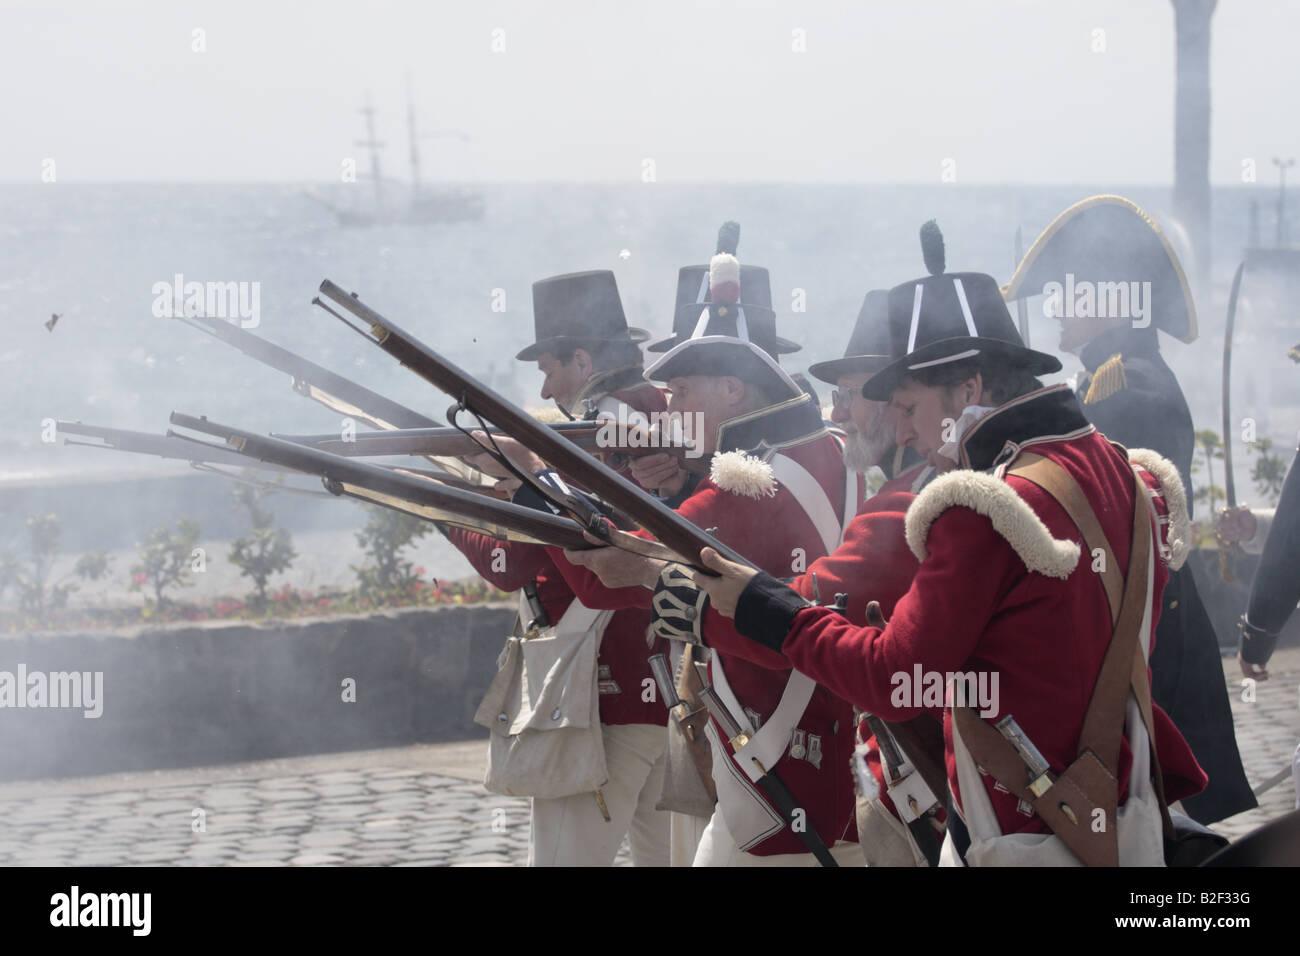 Un gruppo di British Royal Marine il puntamento e la cottura durante una rievocazione storica del 1797 Battaglia di Santa Cruz Tenerife Foto Stock